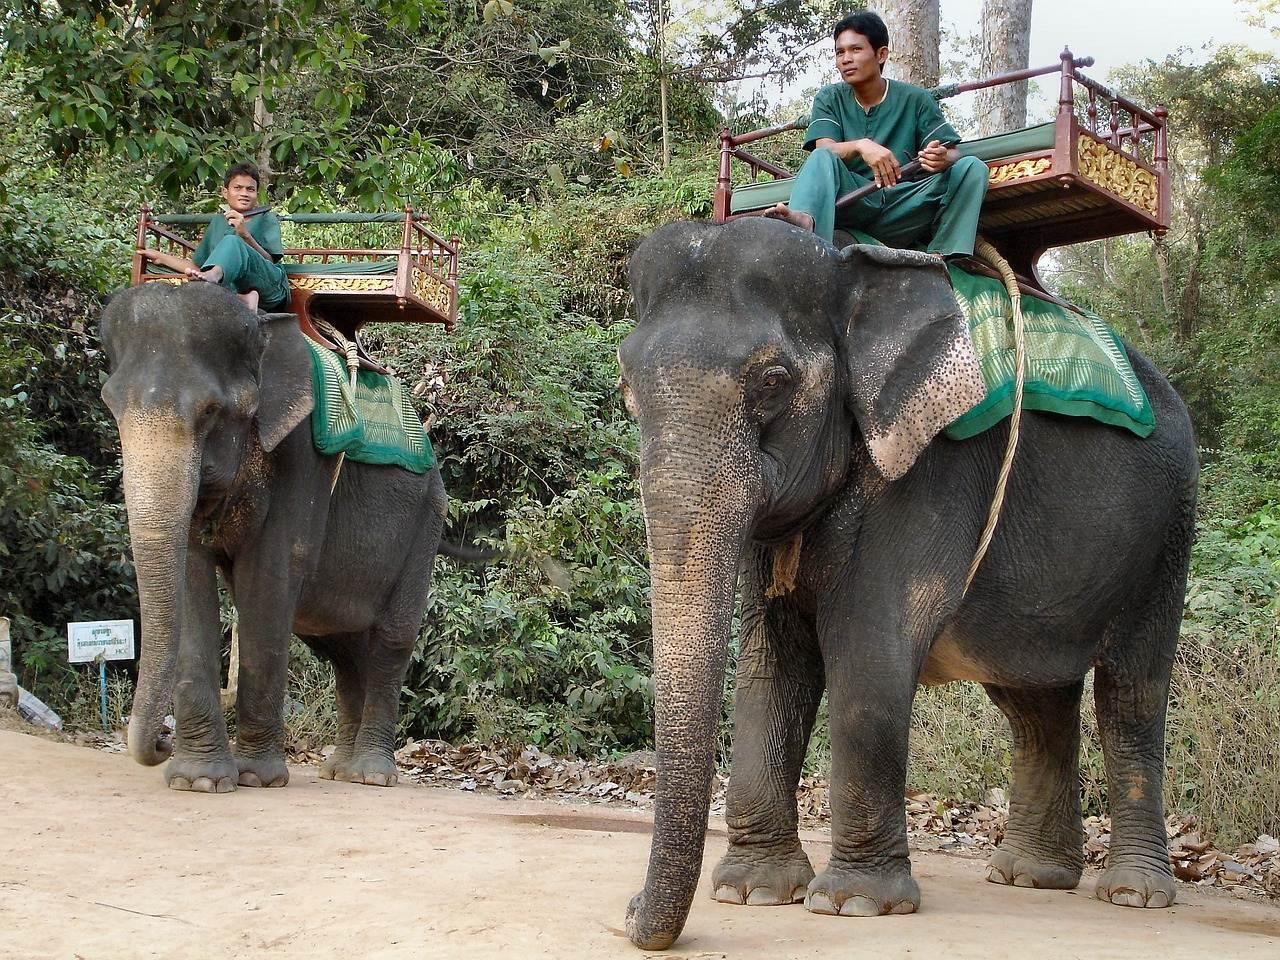 Elefante de Camboya con conductor, llevan unas túnicas verdes